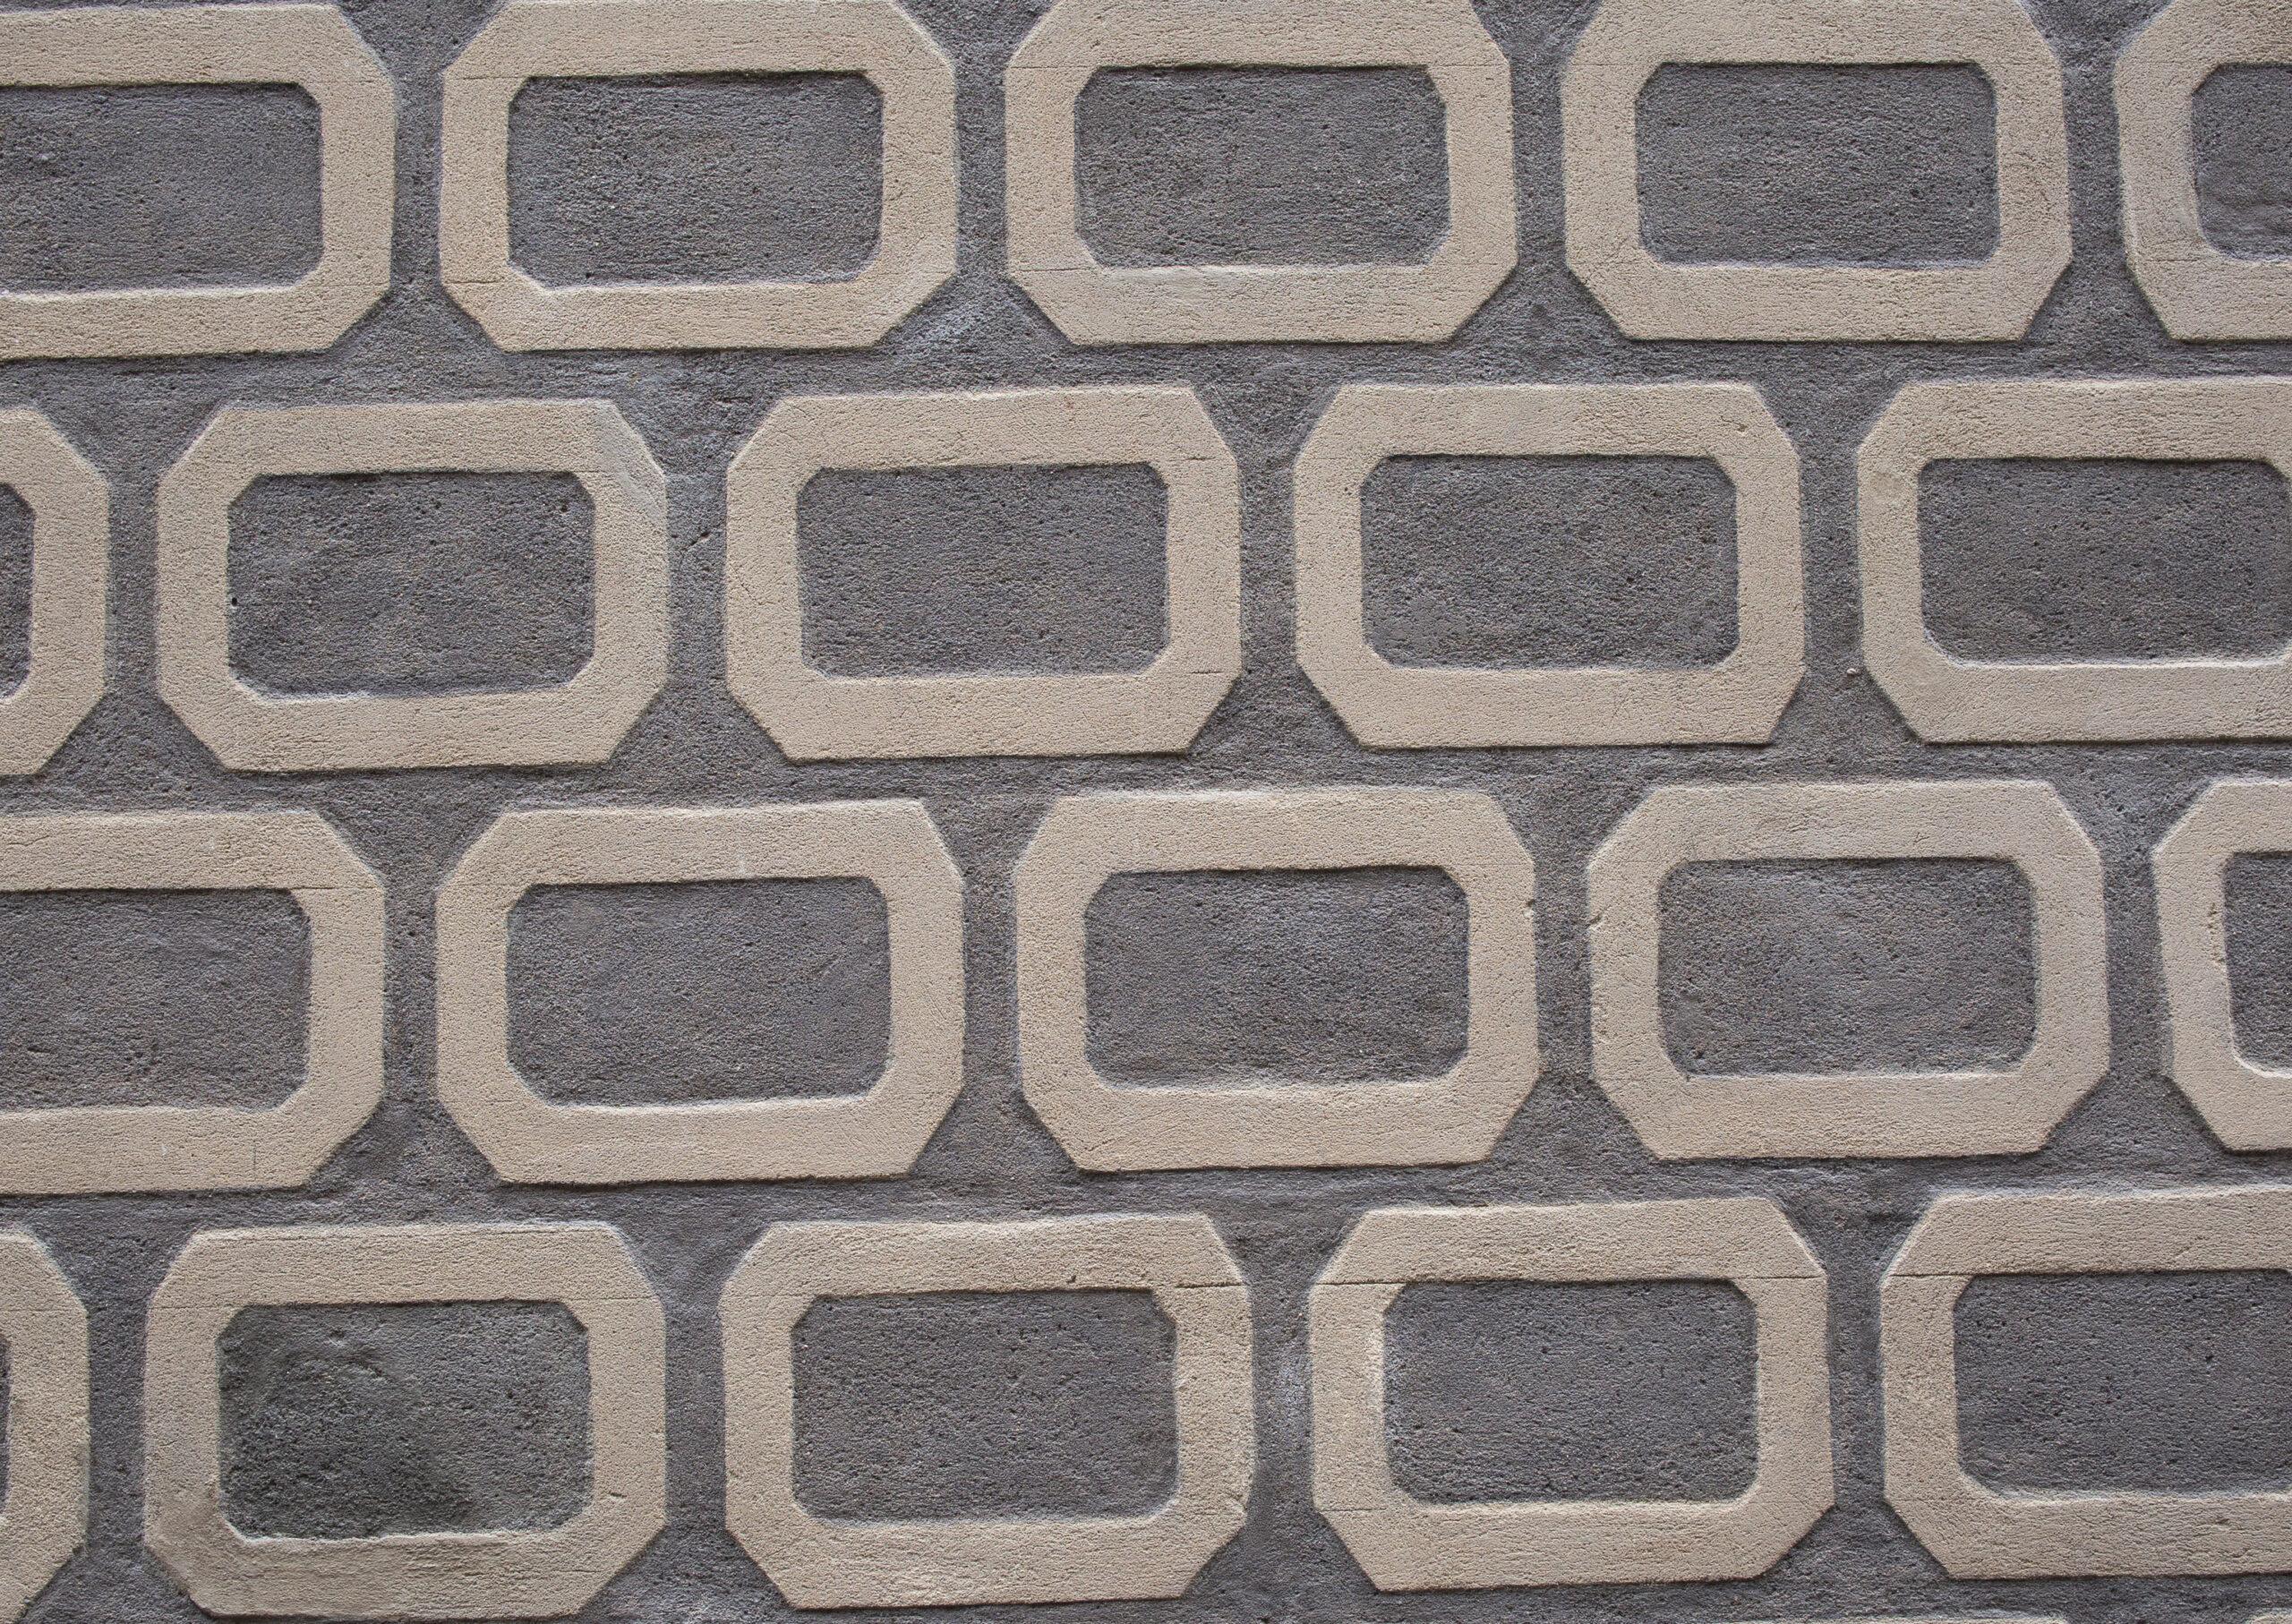 Fotografia fragmentu fasady. Sgraffito ogeometrycznym wzorze. Jasne wypukłe prostokątny ześciętymi narożami natle ciemnoszarej ściany.